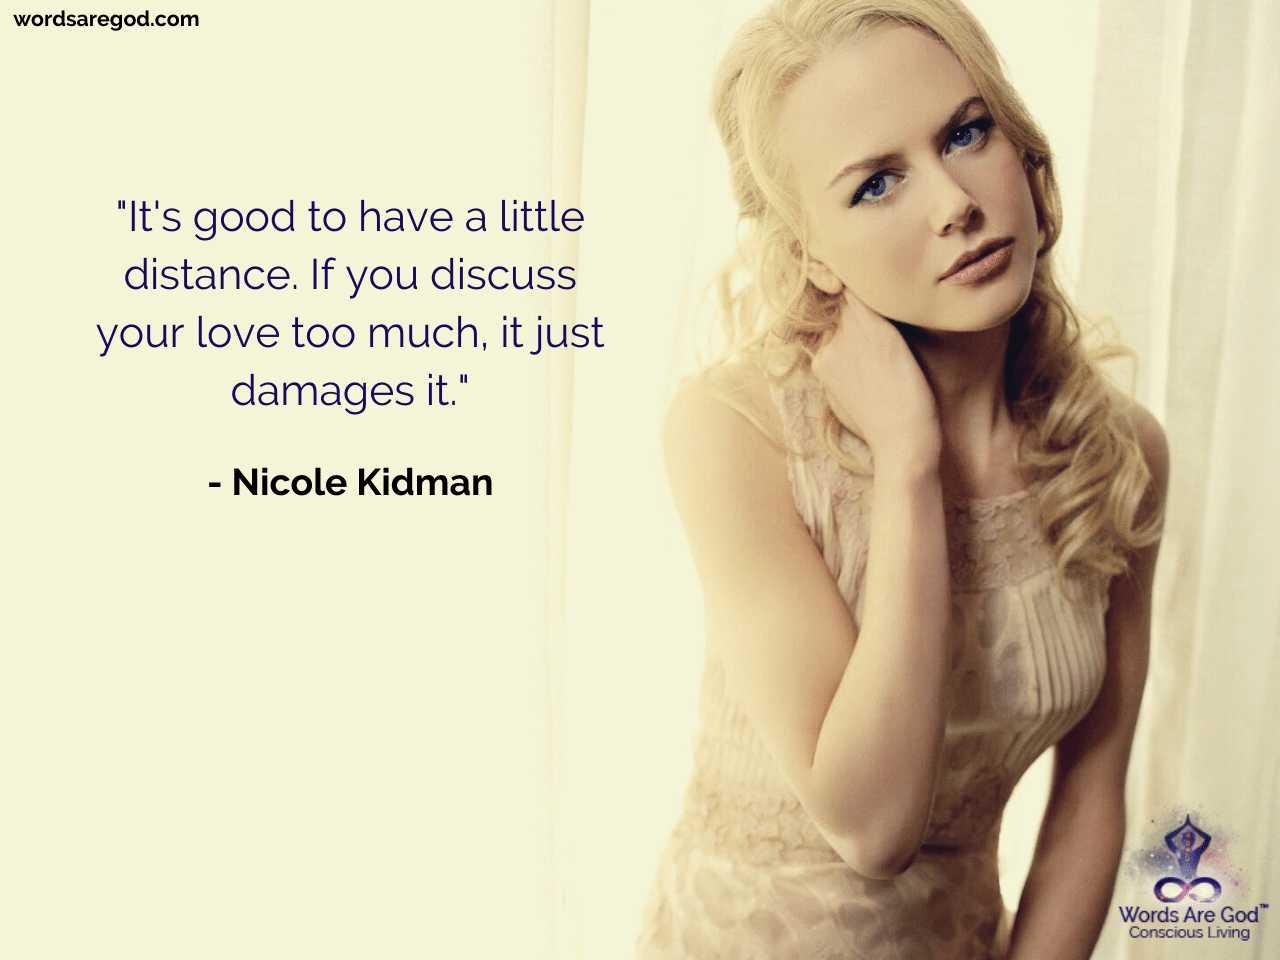 Nicole Kidman Best Quote